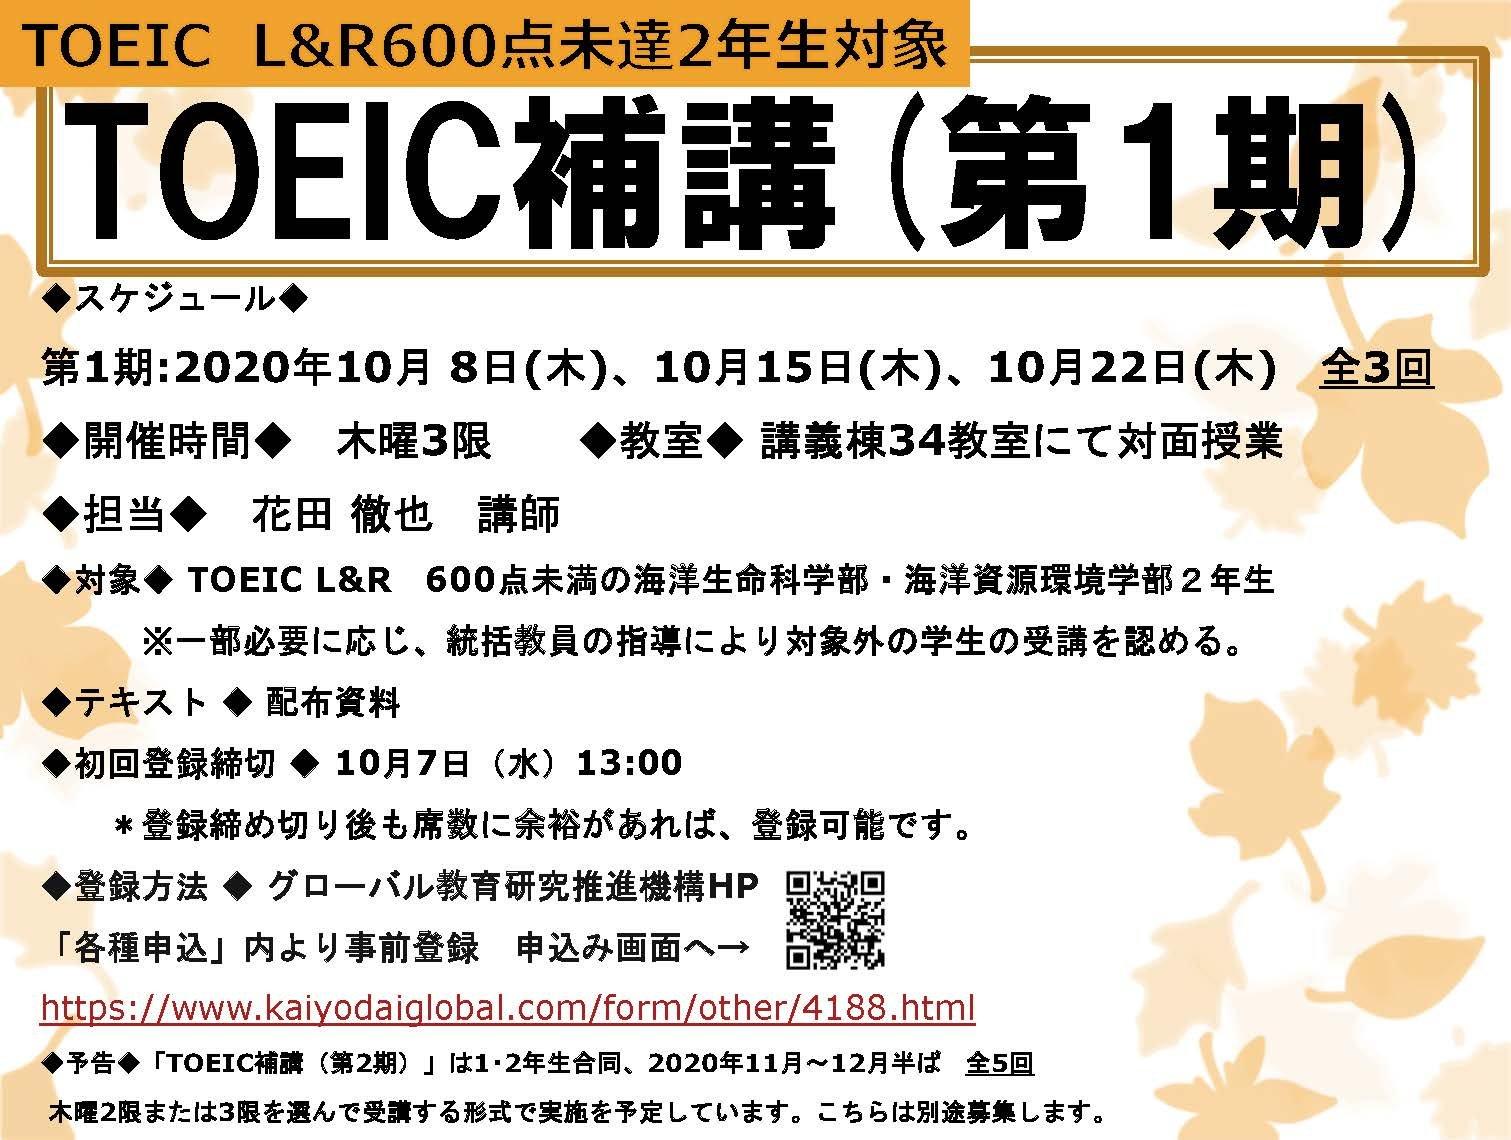 TOEIC補講(第1期)を行います!!